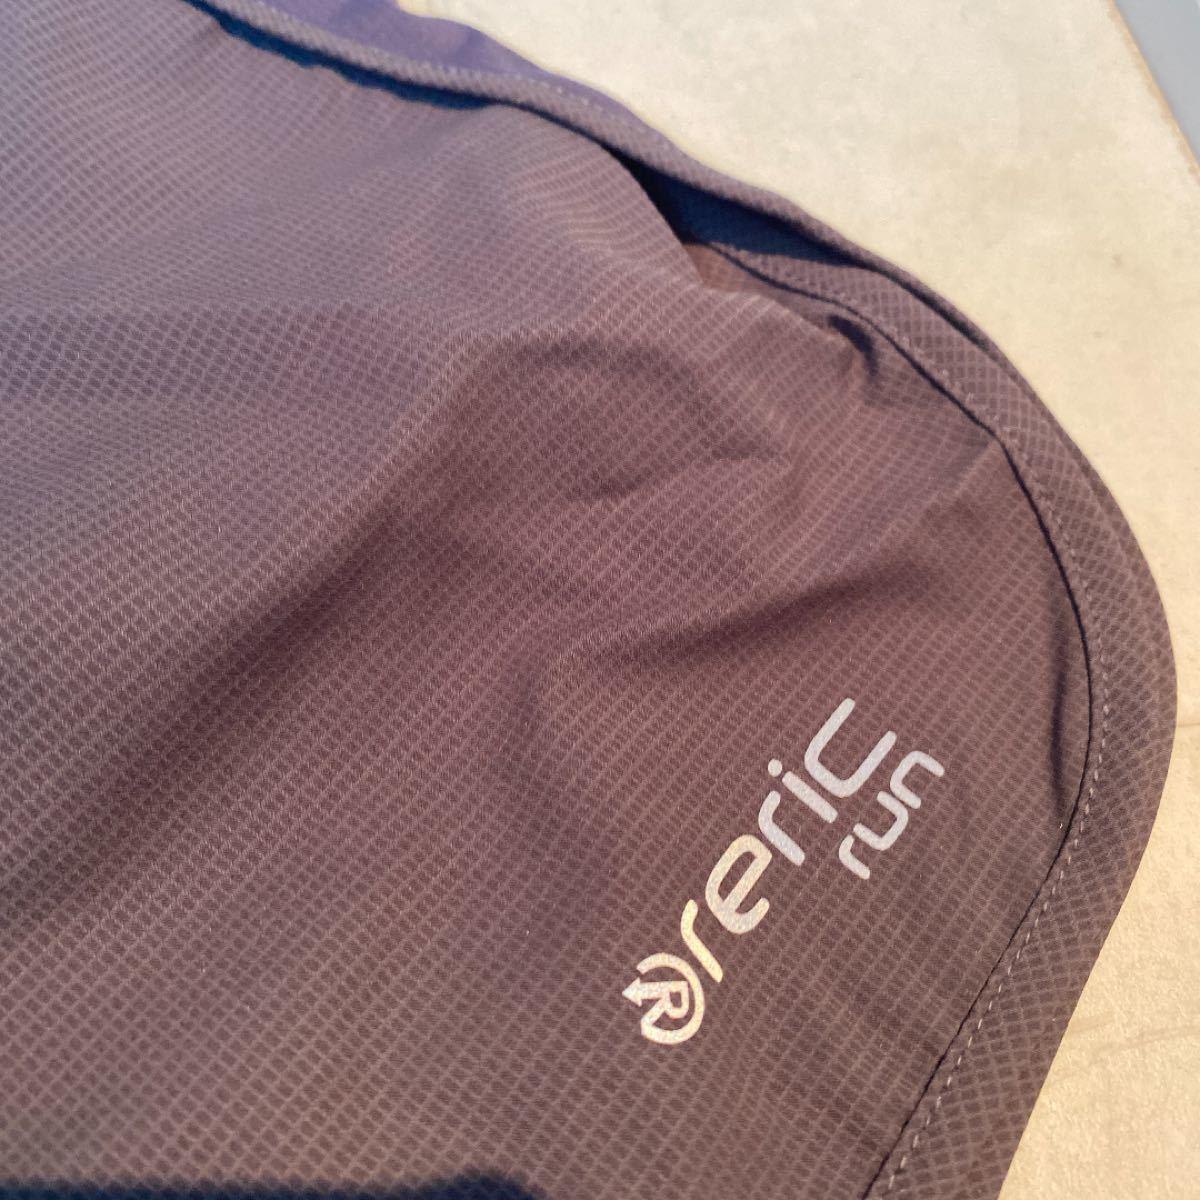 ランニングパンツ インナーパンツ一体型 新品 レリック reric ジョギング